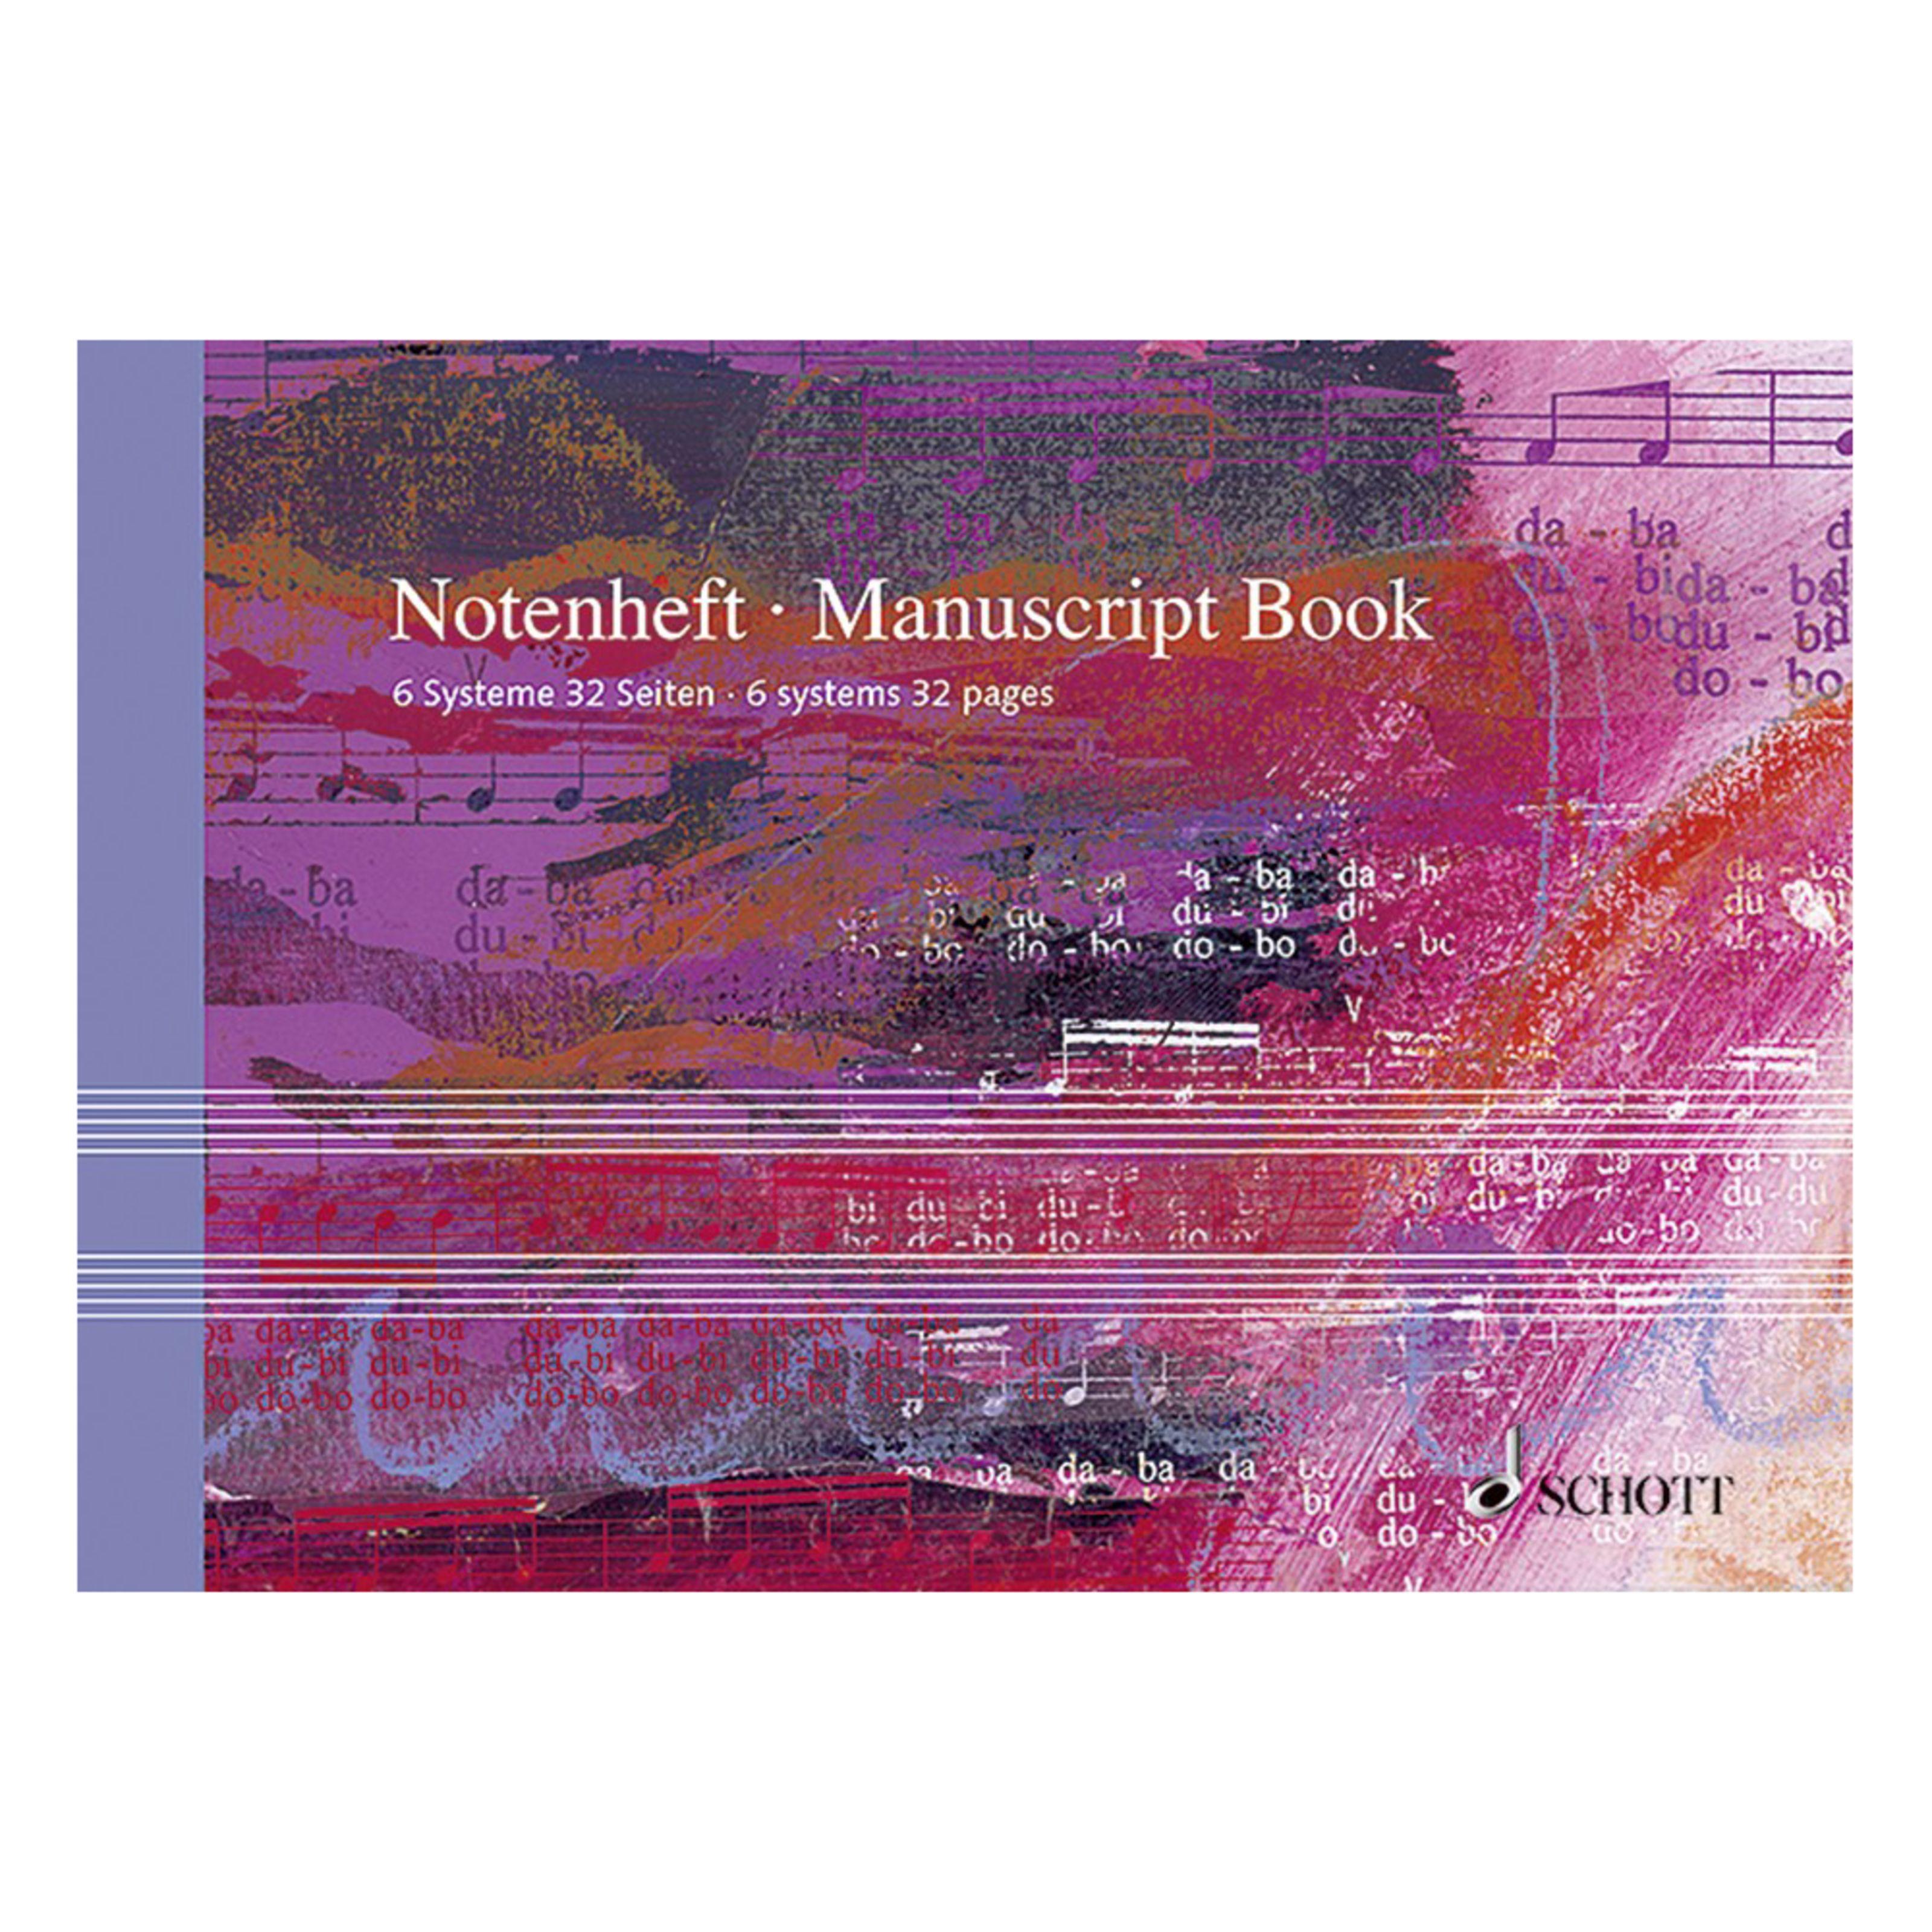 Schott Music - Notenheft DIN A5 SKK 52